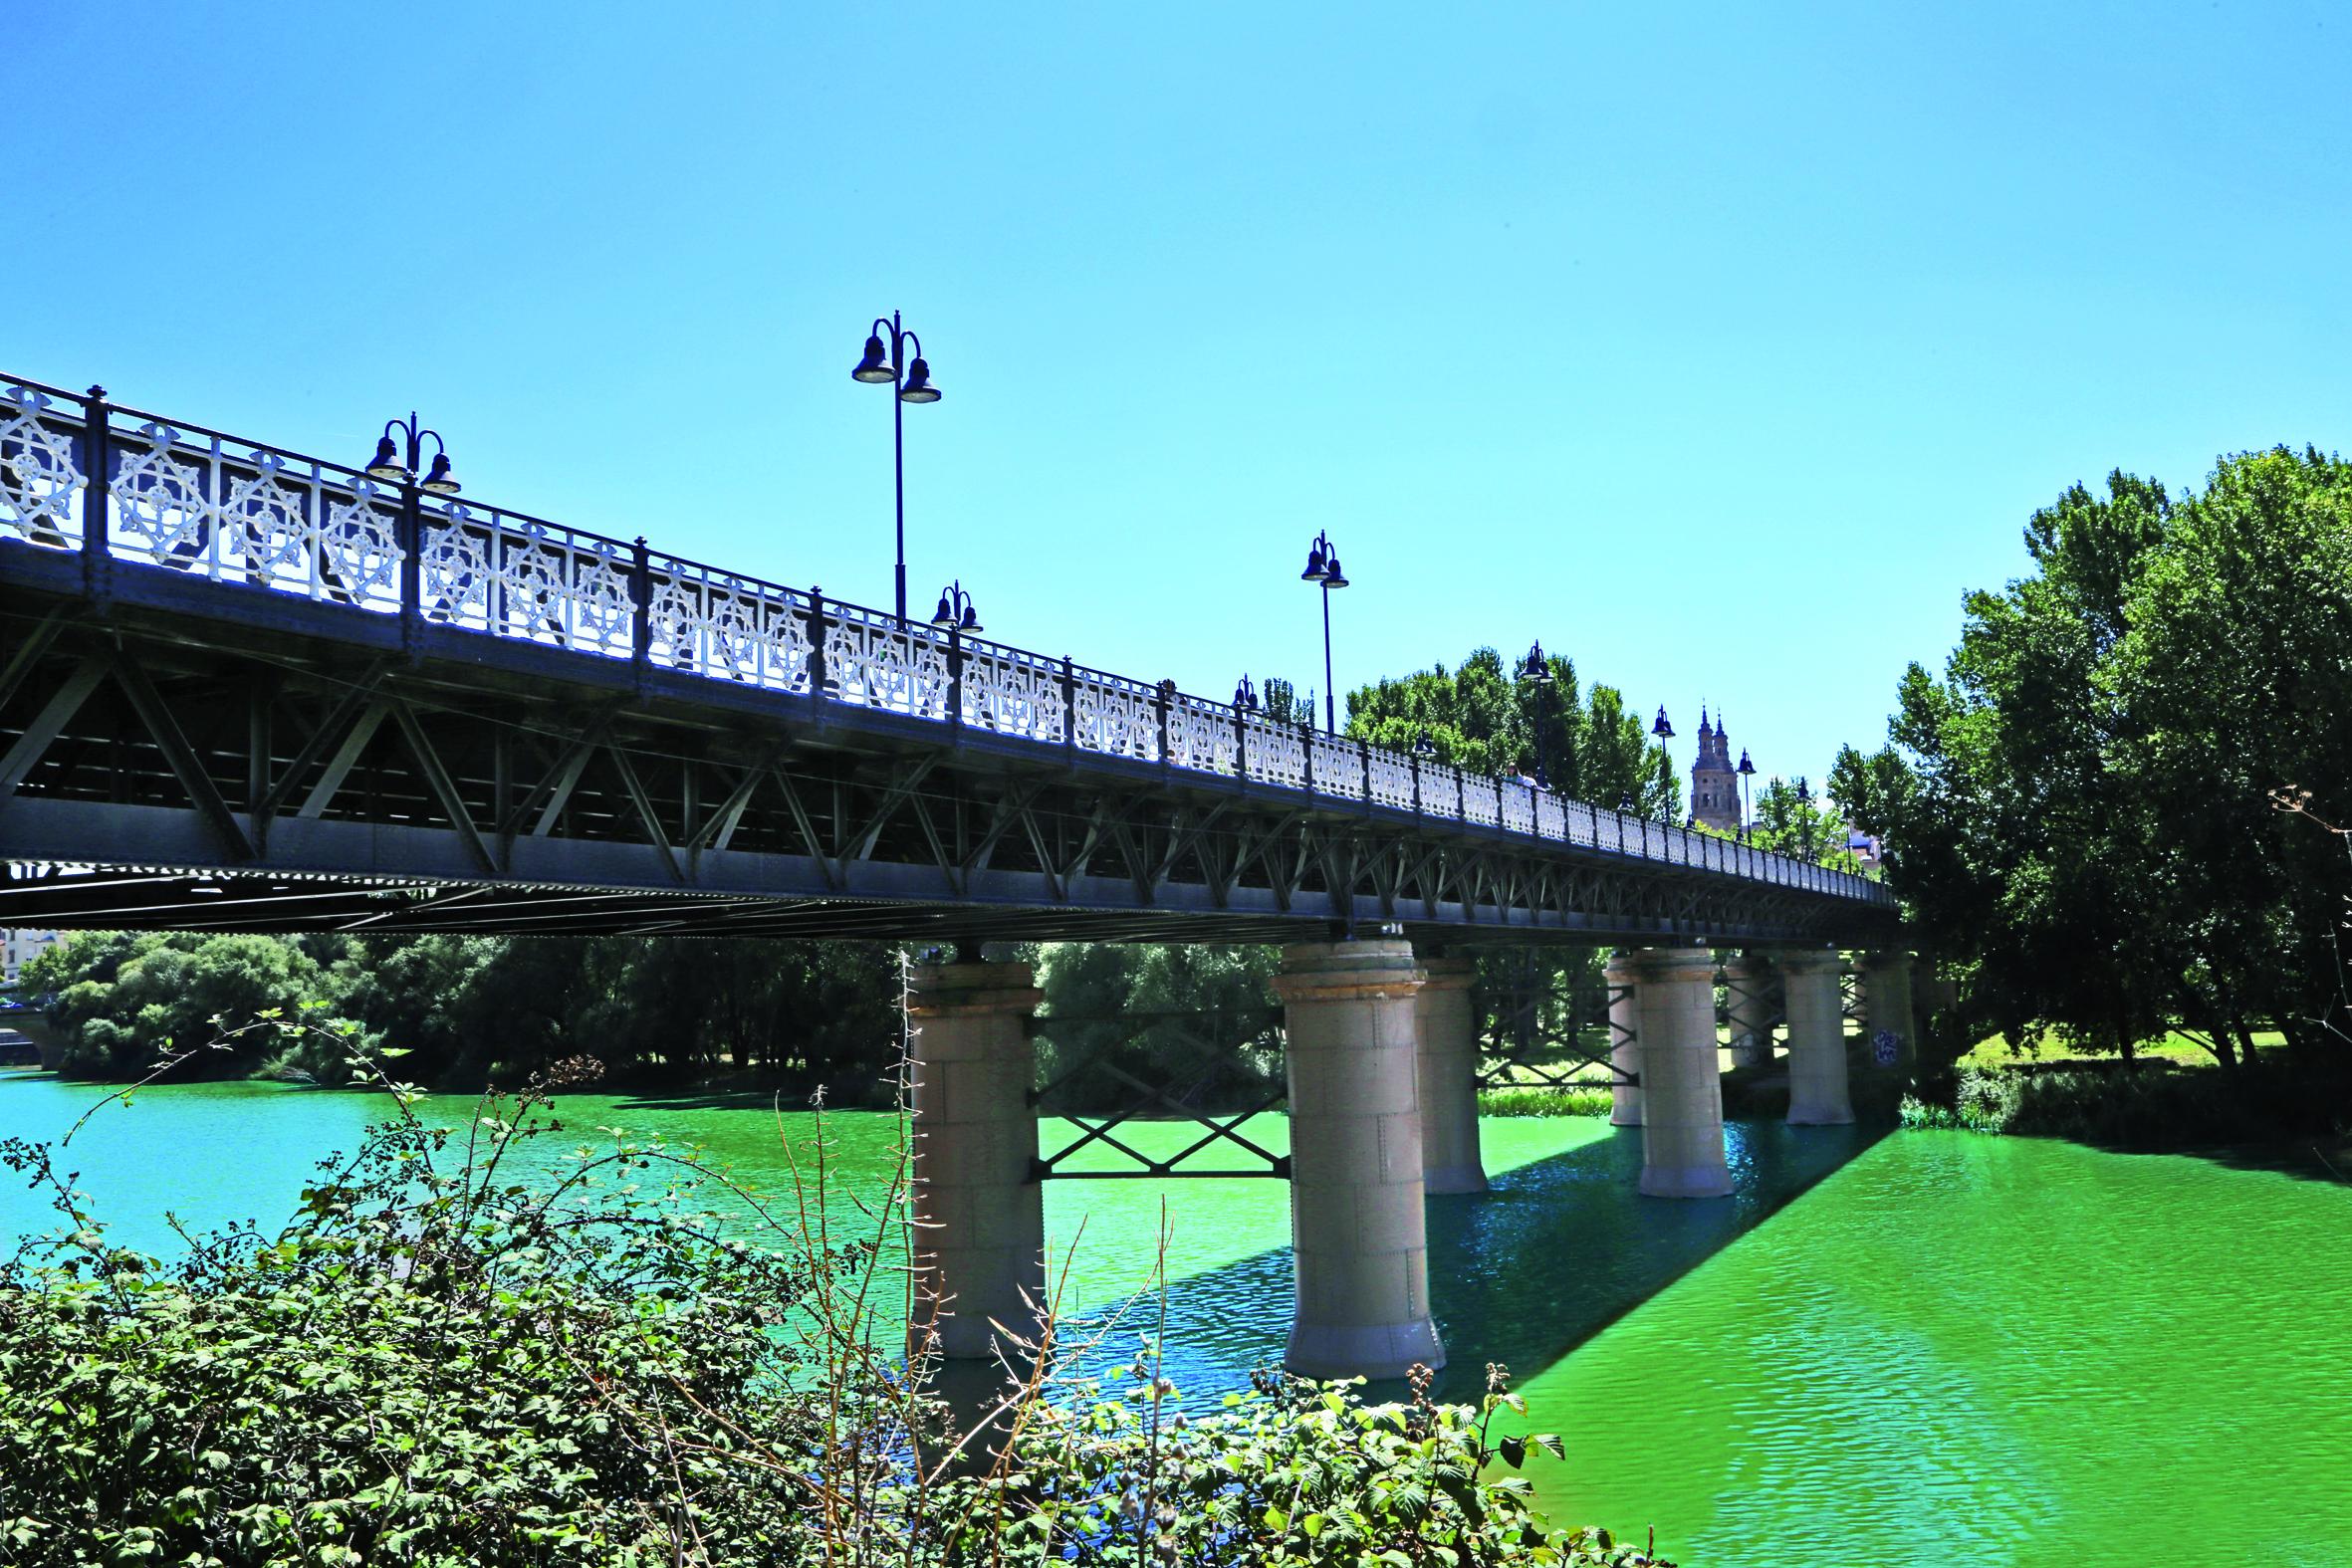 07. Puente de Hierro y Bodegas Francoespañolas